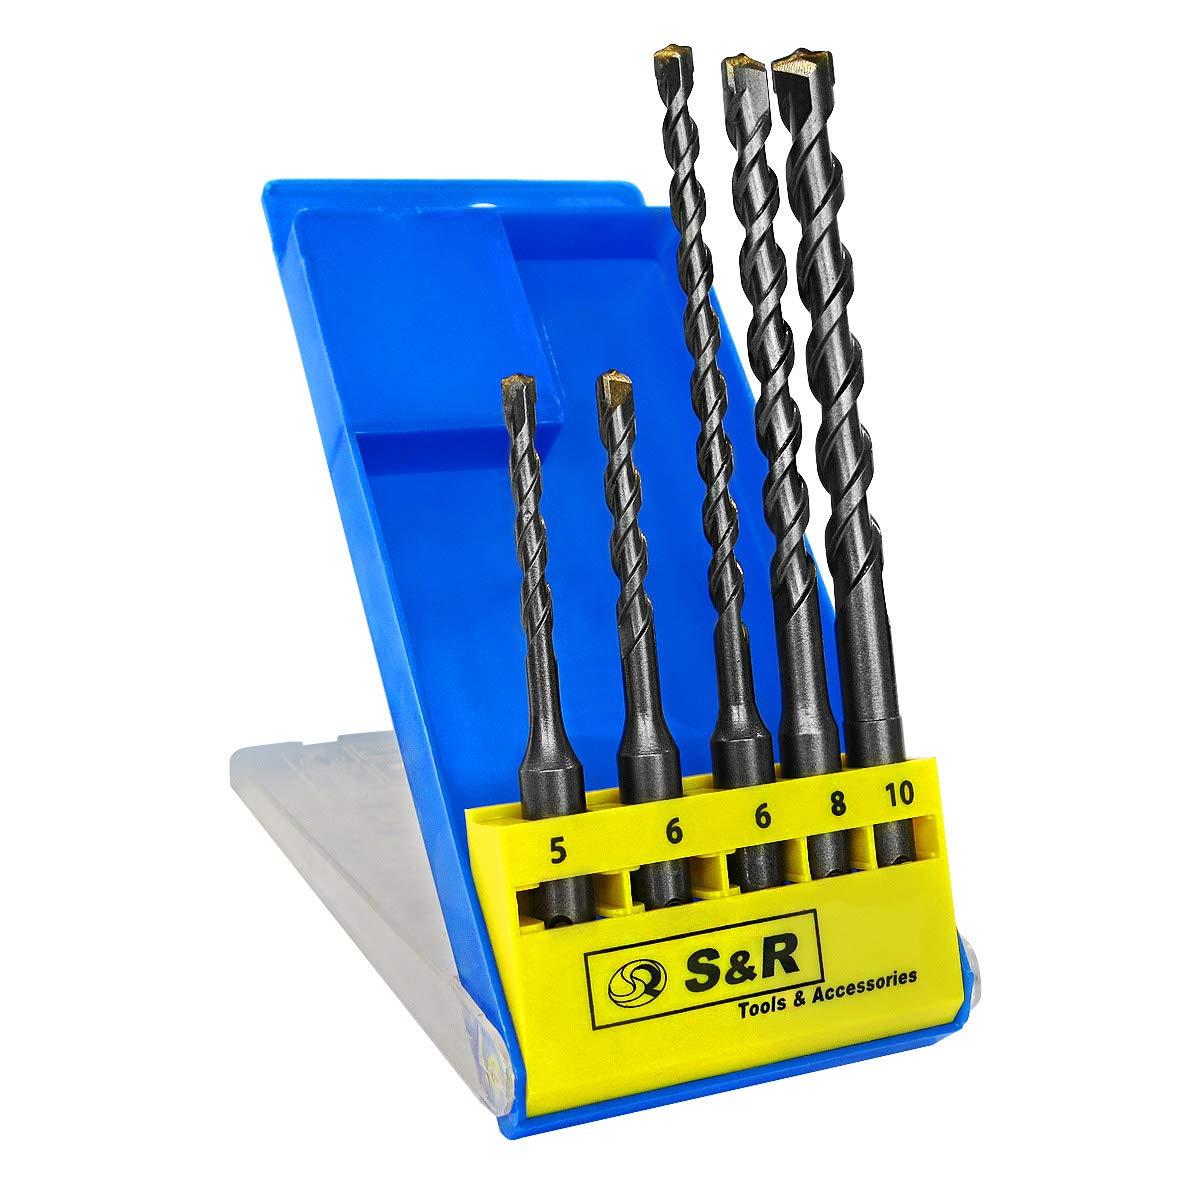 S&R Concrete Drill Bit Set SDS Plus, 5 Pieces: 5,6 x 100; 6, 8, 10 x 160 mm. For concrete, masonry, stone S&R Industriewerkzeuge GmbH